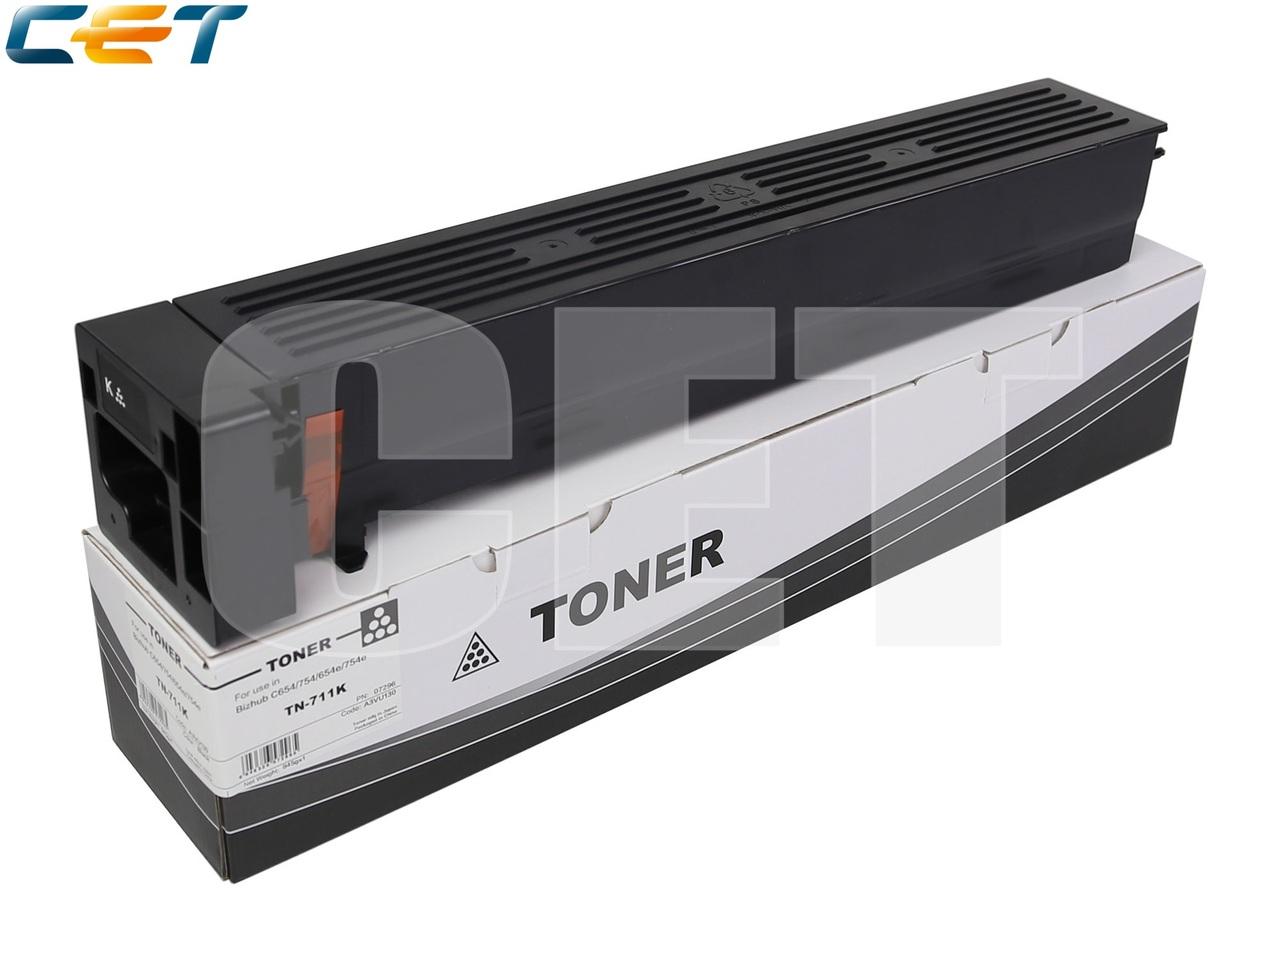 Тонер-картридж (NF6) TN-711K, TN-712 для KONICA MINOLTABizhub 654/754/C654/C754 (CET) Black, 945г, 47200 стр.,CET7296